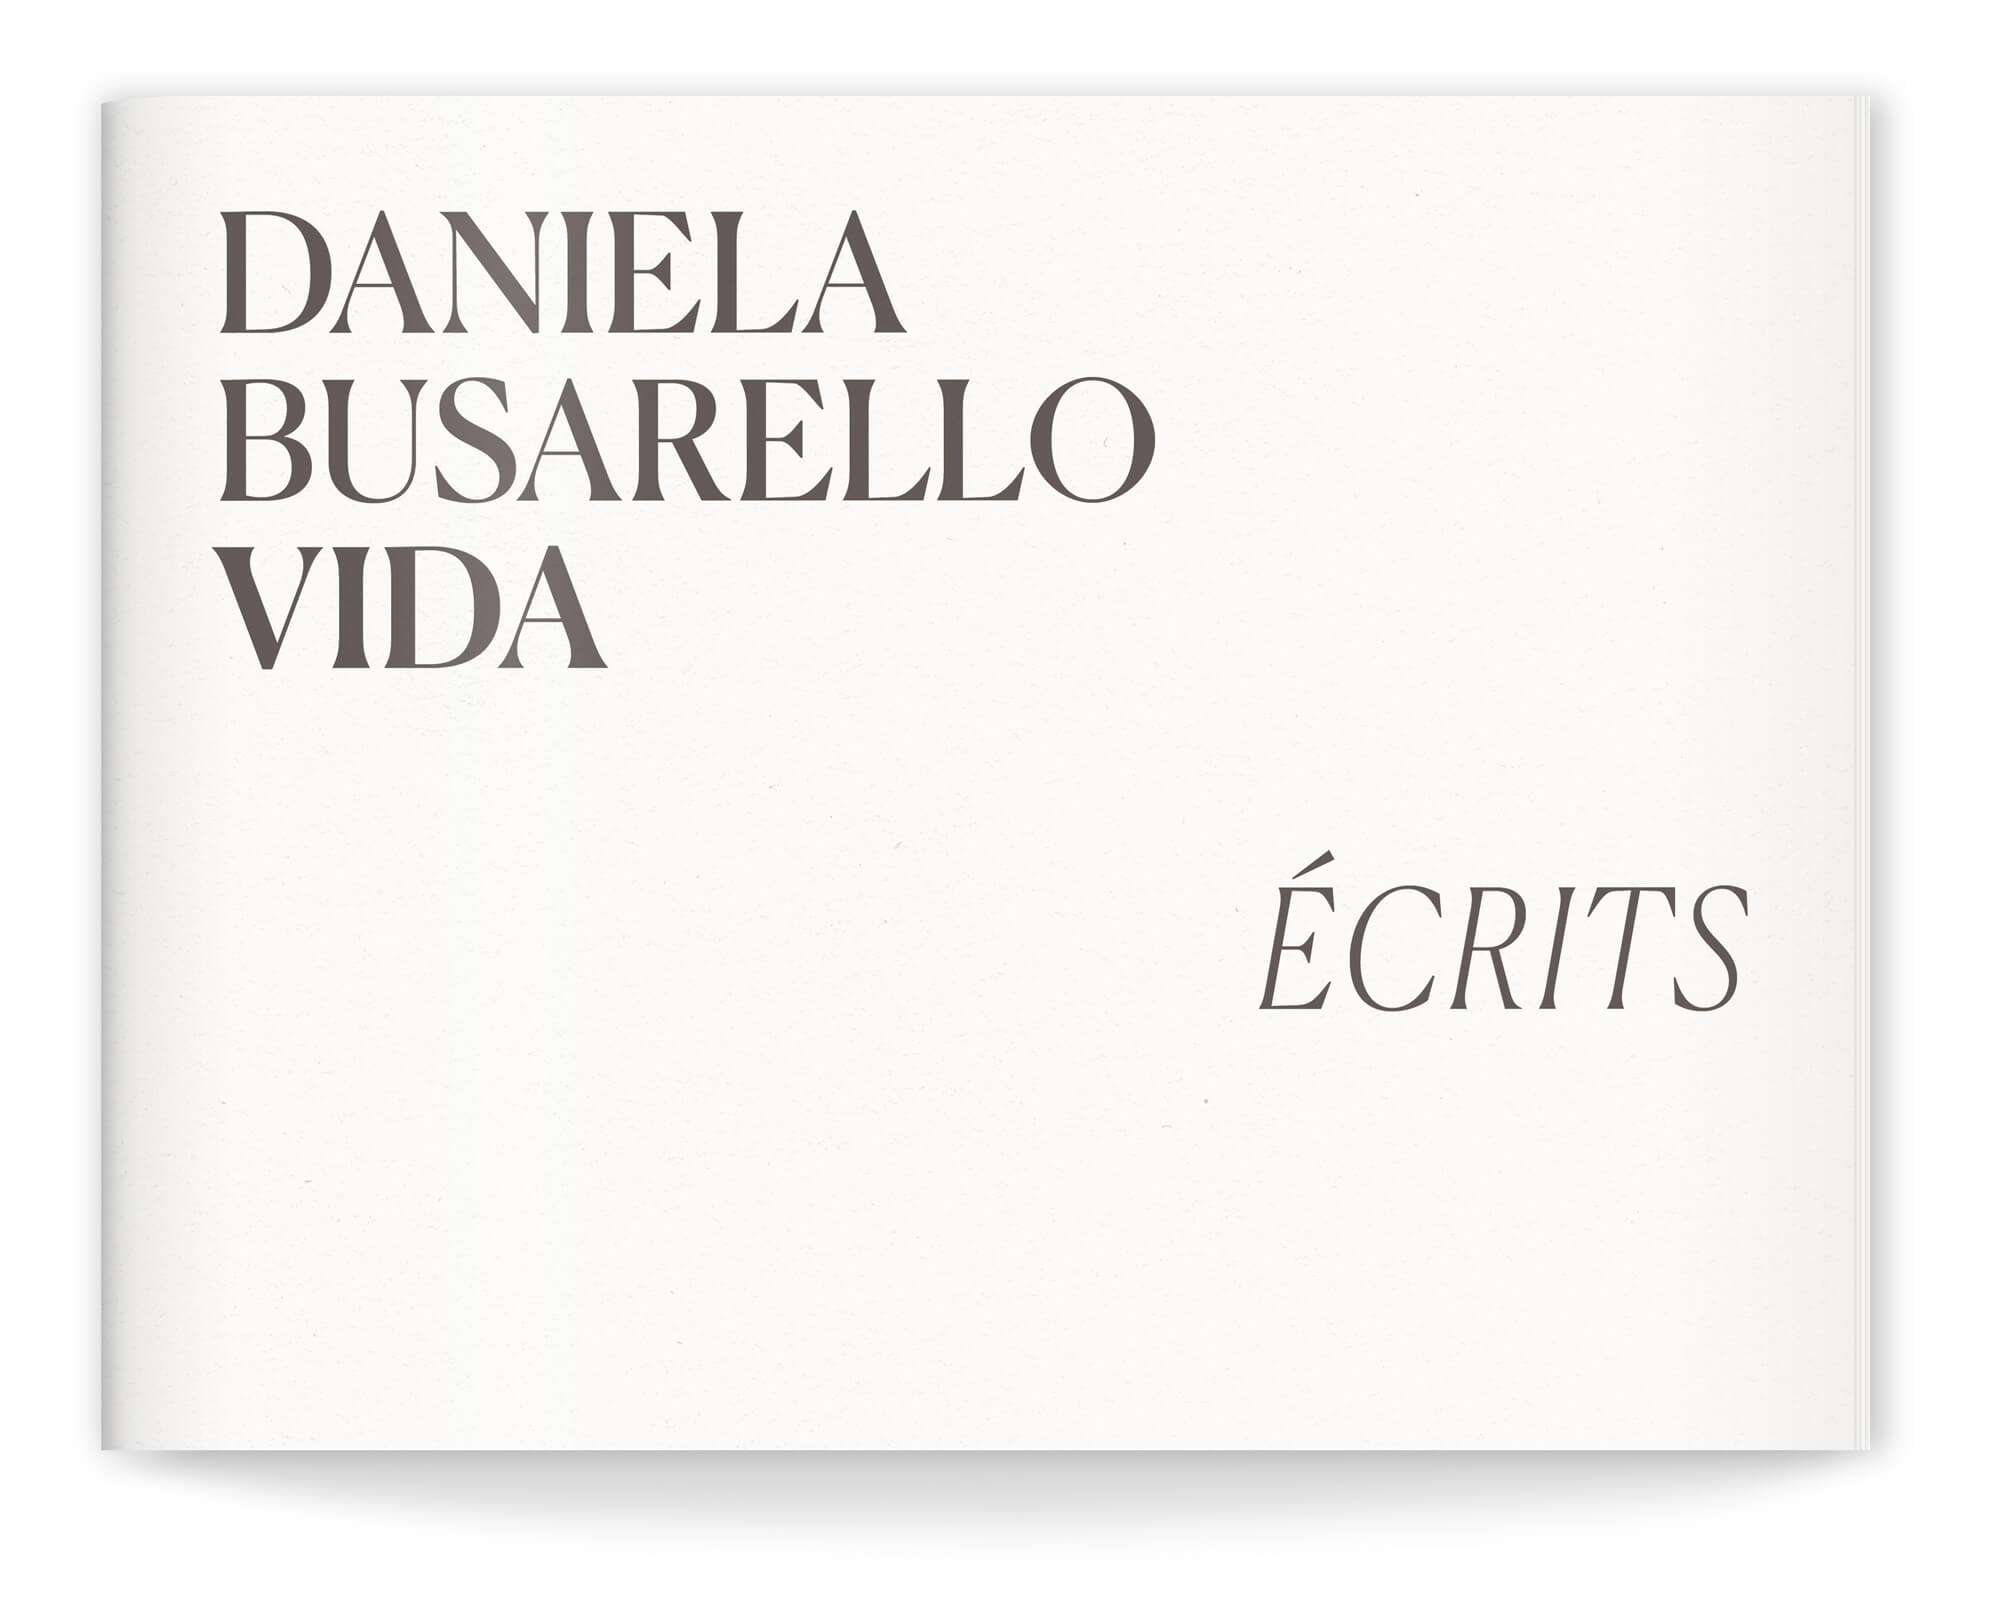 Livre d'artiste de Daniela Busarello Couverture du livret I écrit, design IchetKar